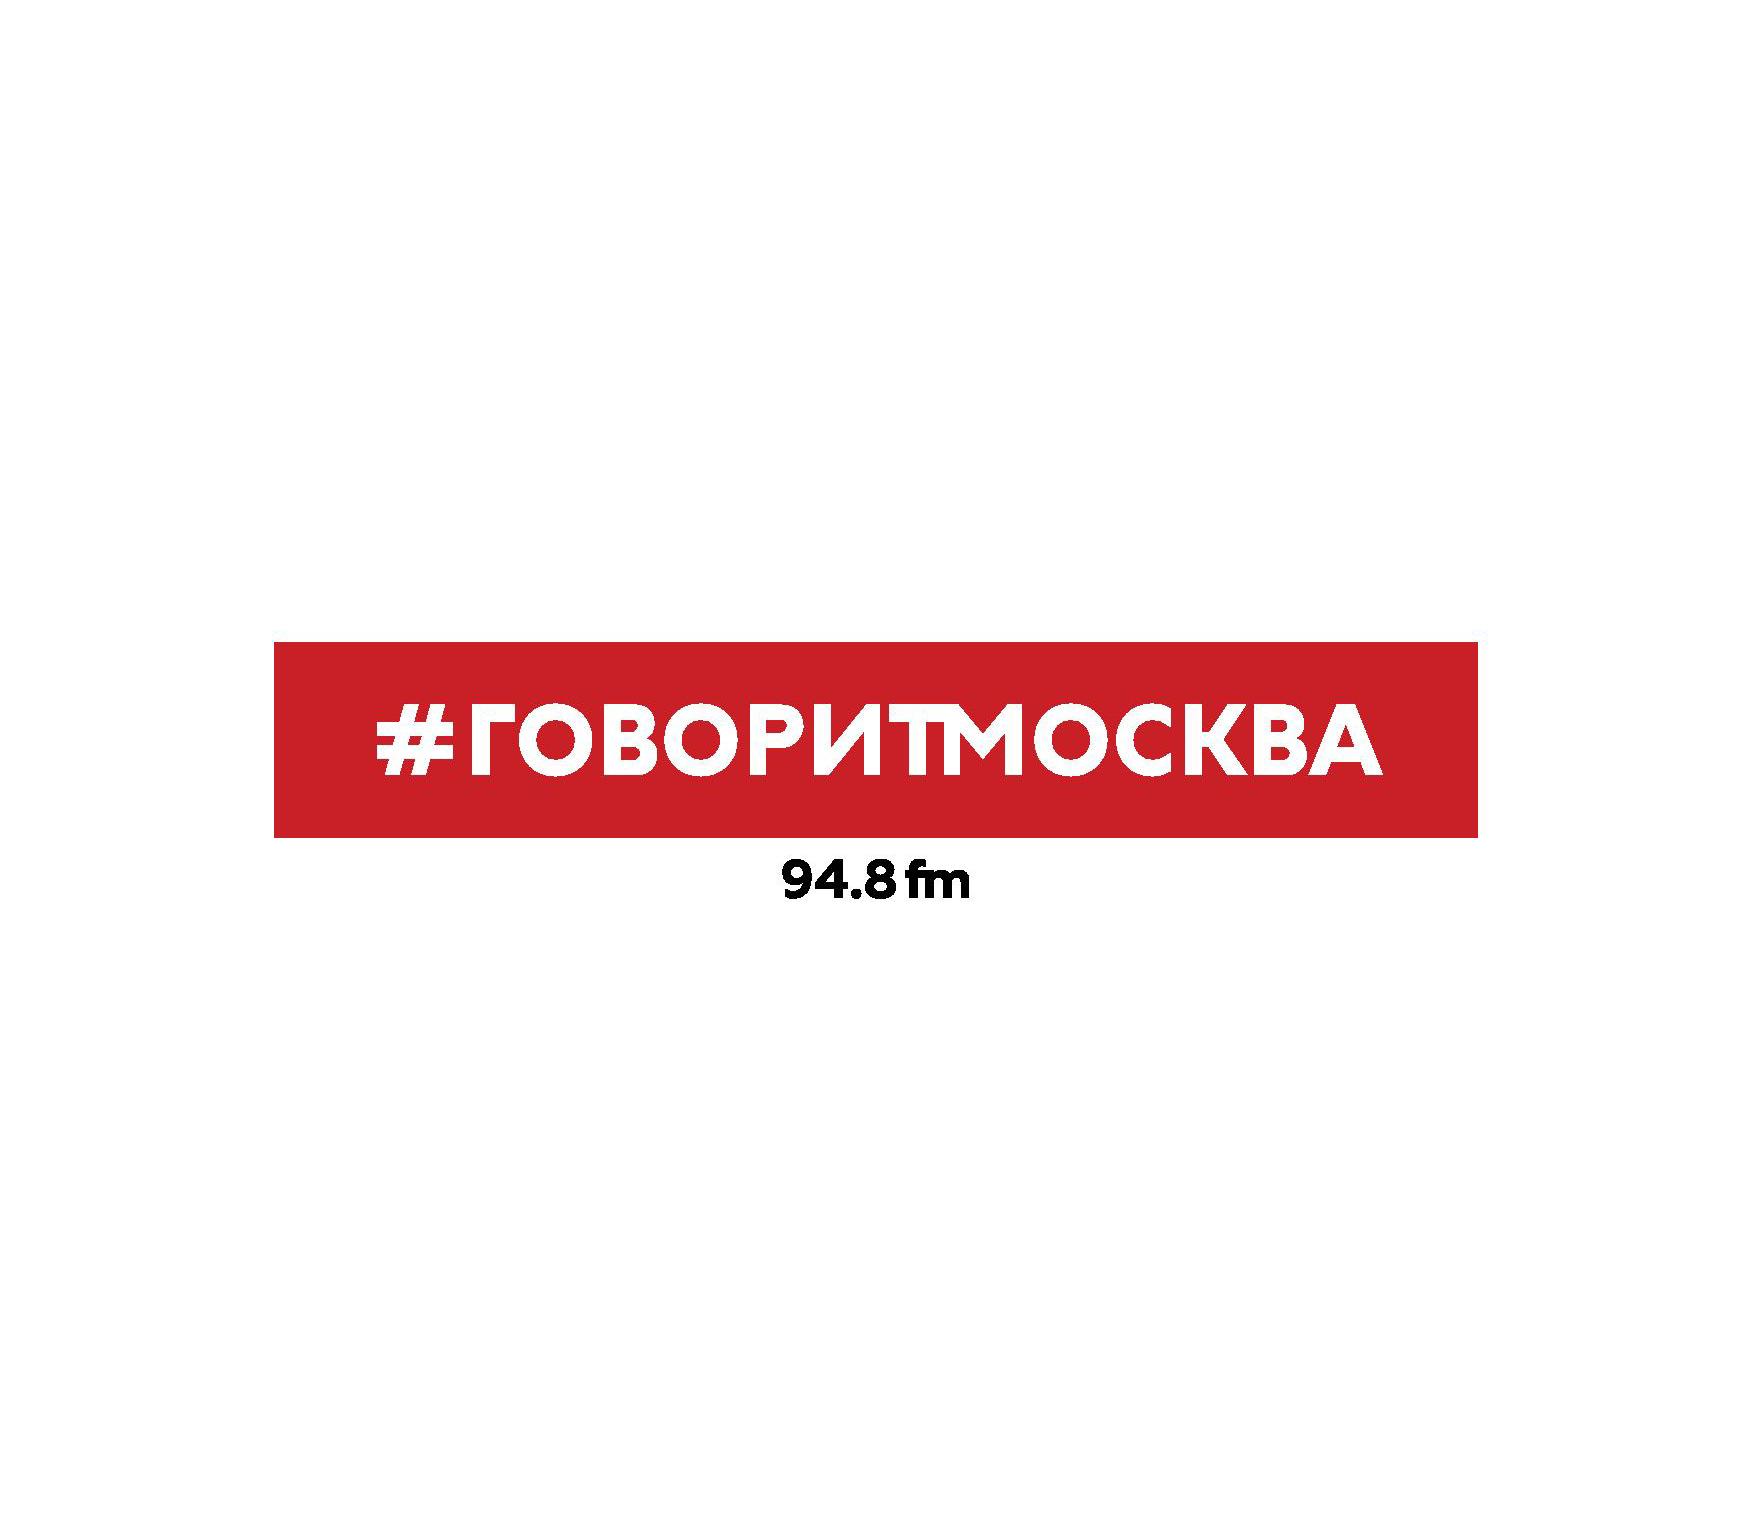 Макс Челноков 3 марта. Ксавье Моро